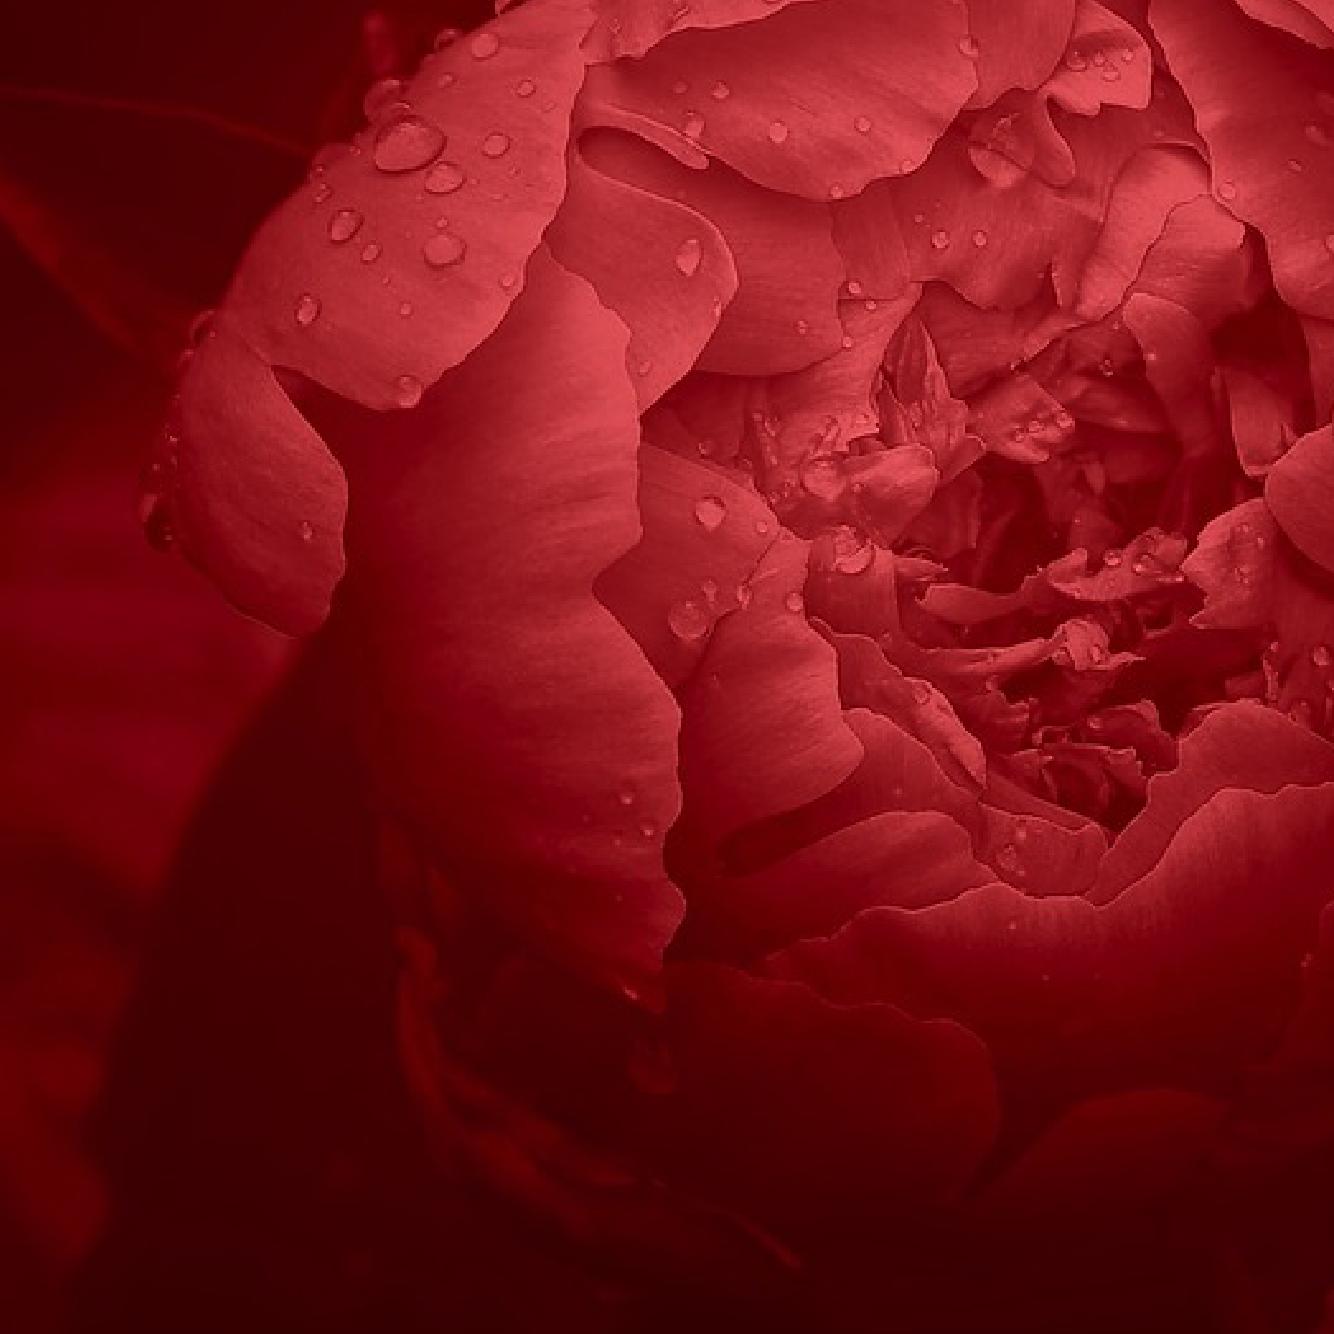 Awaken The Heart Through Chanting & Mantras | Carrie Grossman